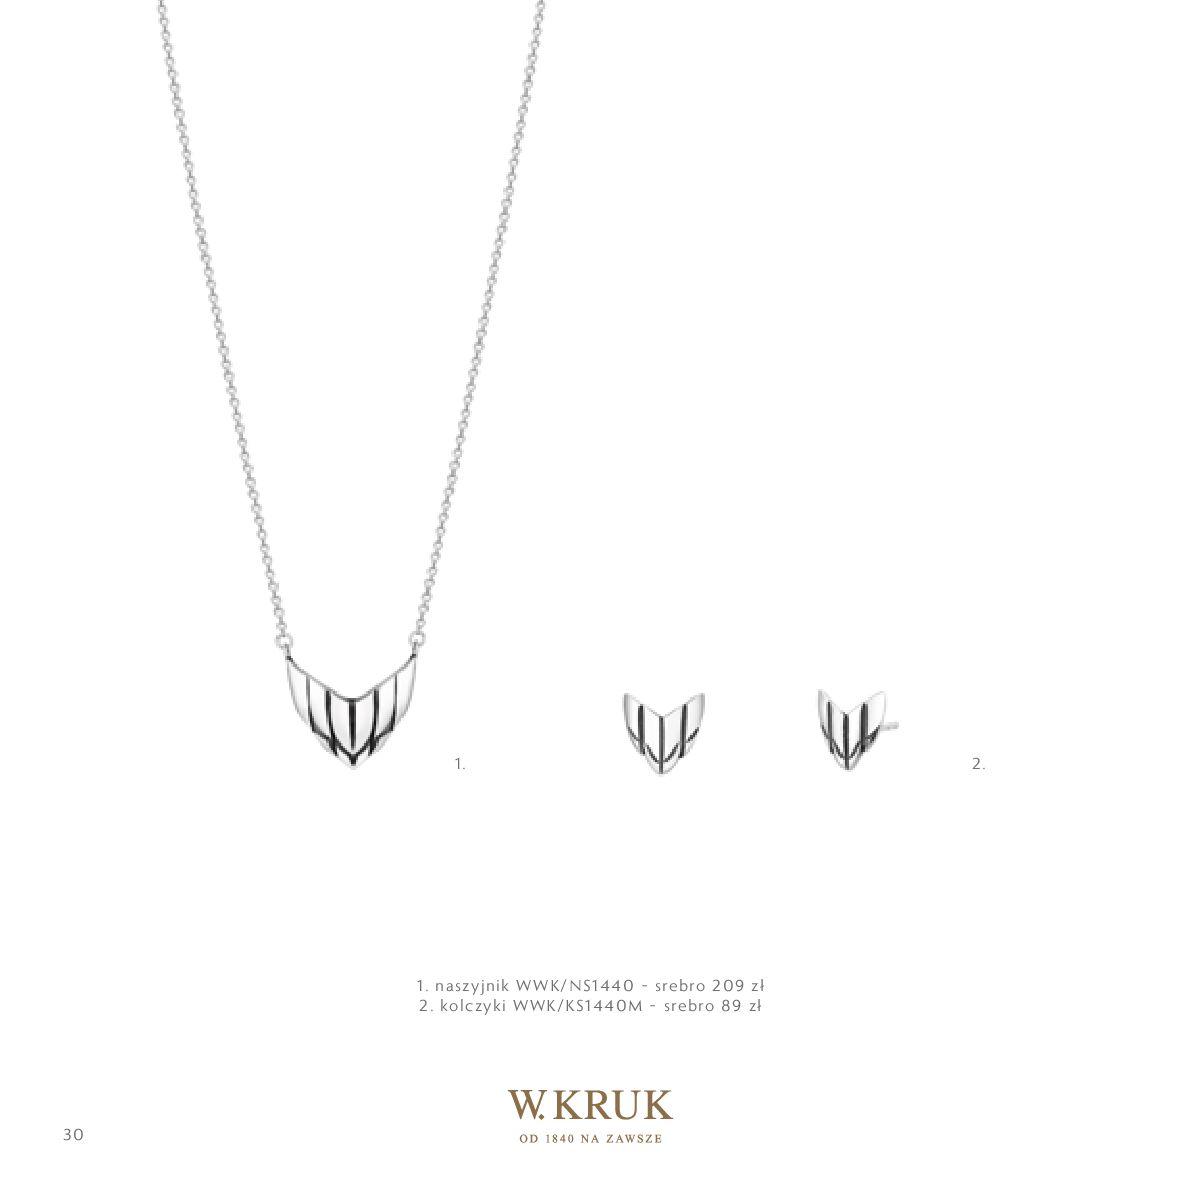 Gazetka W. KRUK: Katalog - Freedom Wolf 2021-02-17 page-32